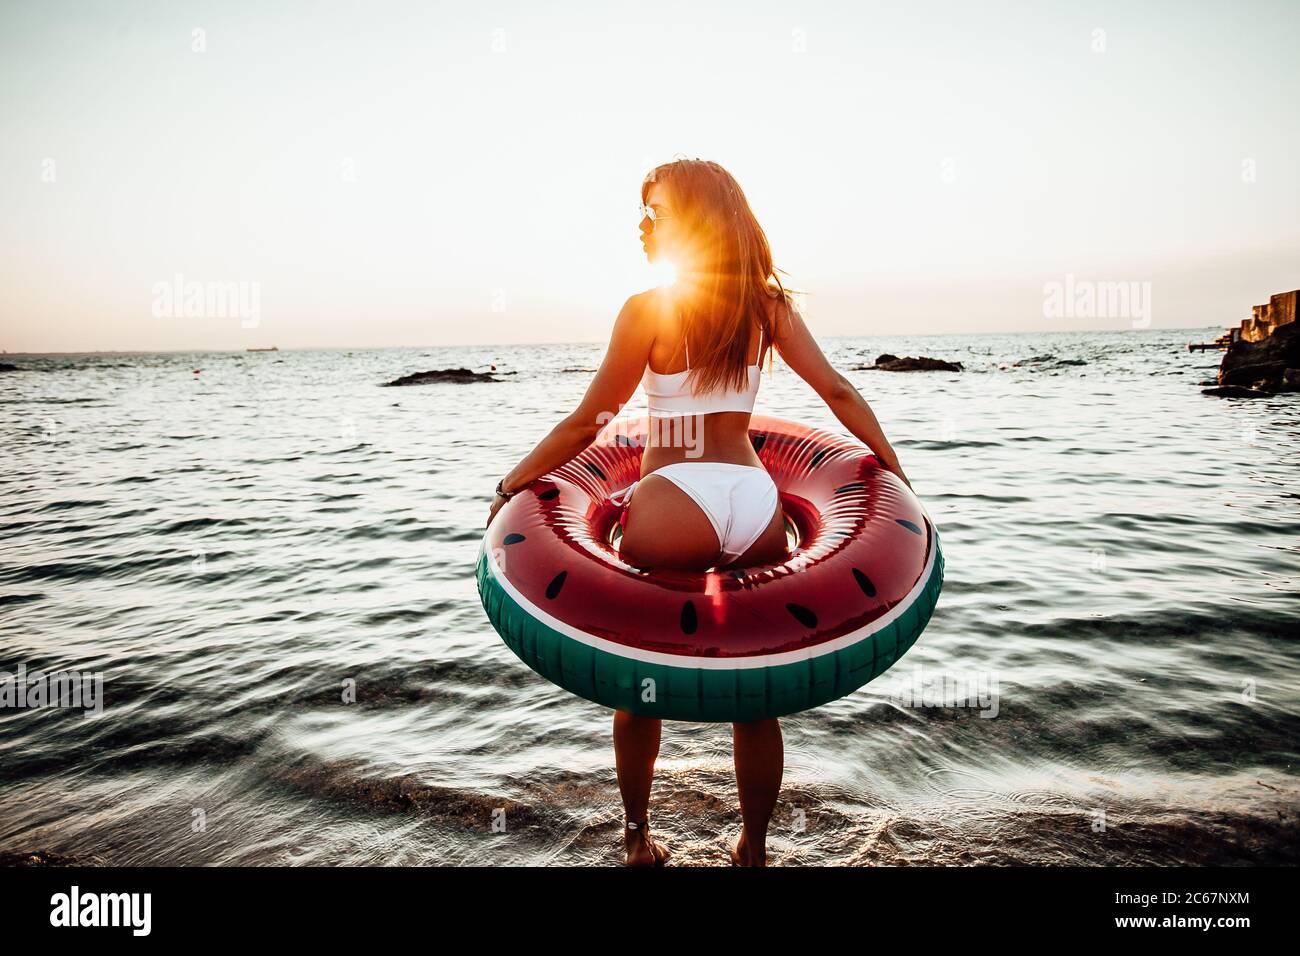 Chica divirtiéndose en la playa. Estilo de vida divertido en verano. Foto de stock